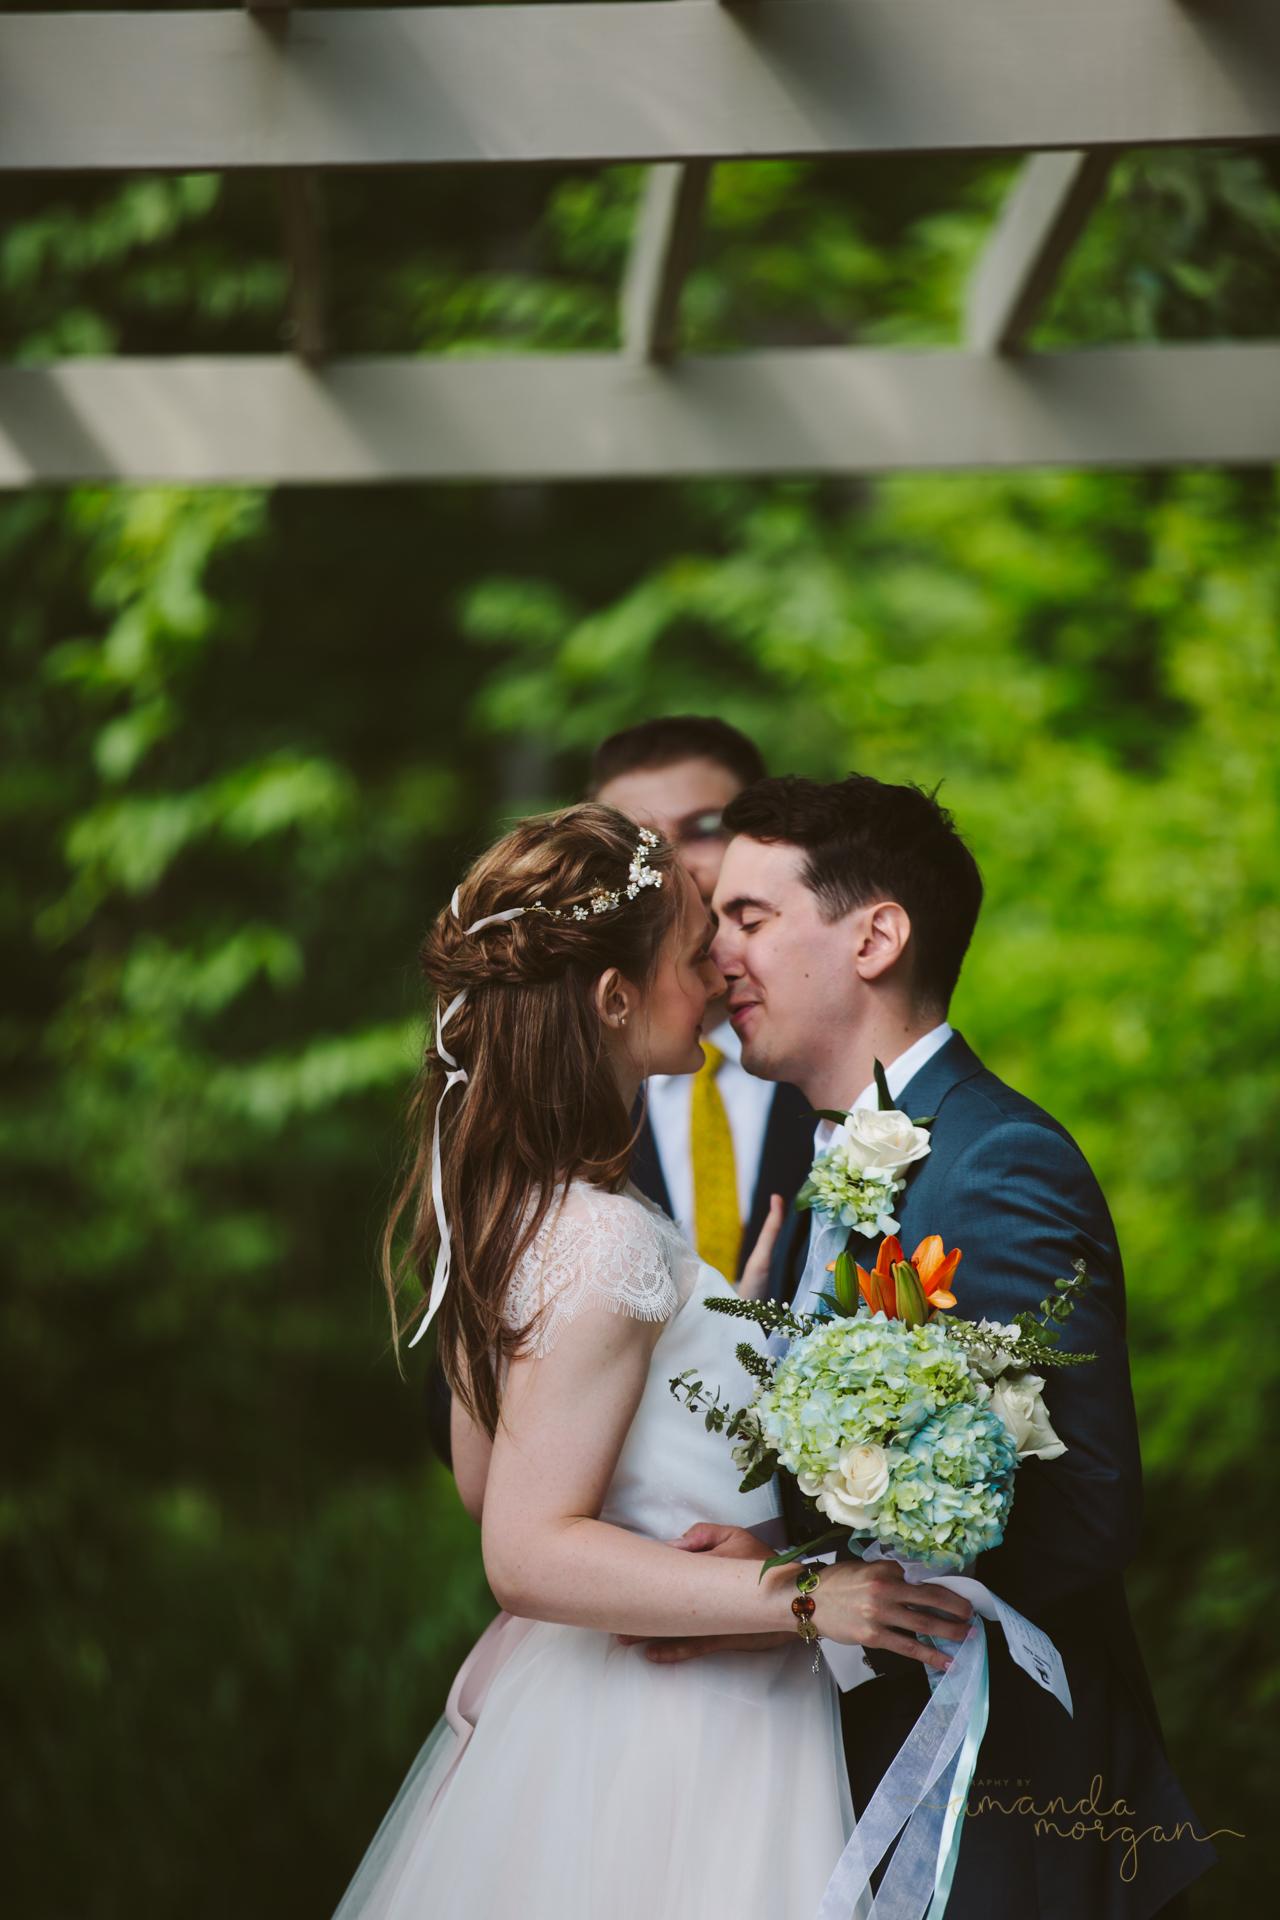 Glimmerstone-Mansion-Vermont-Wedding-Amanda-Morgan-32.jpg